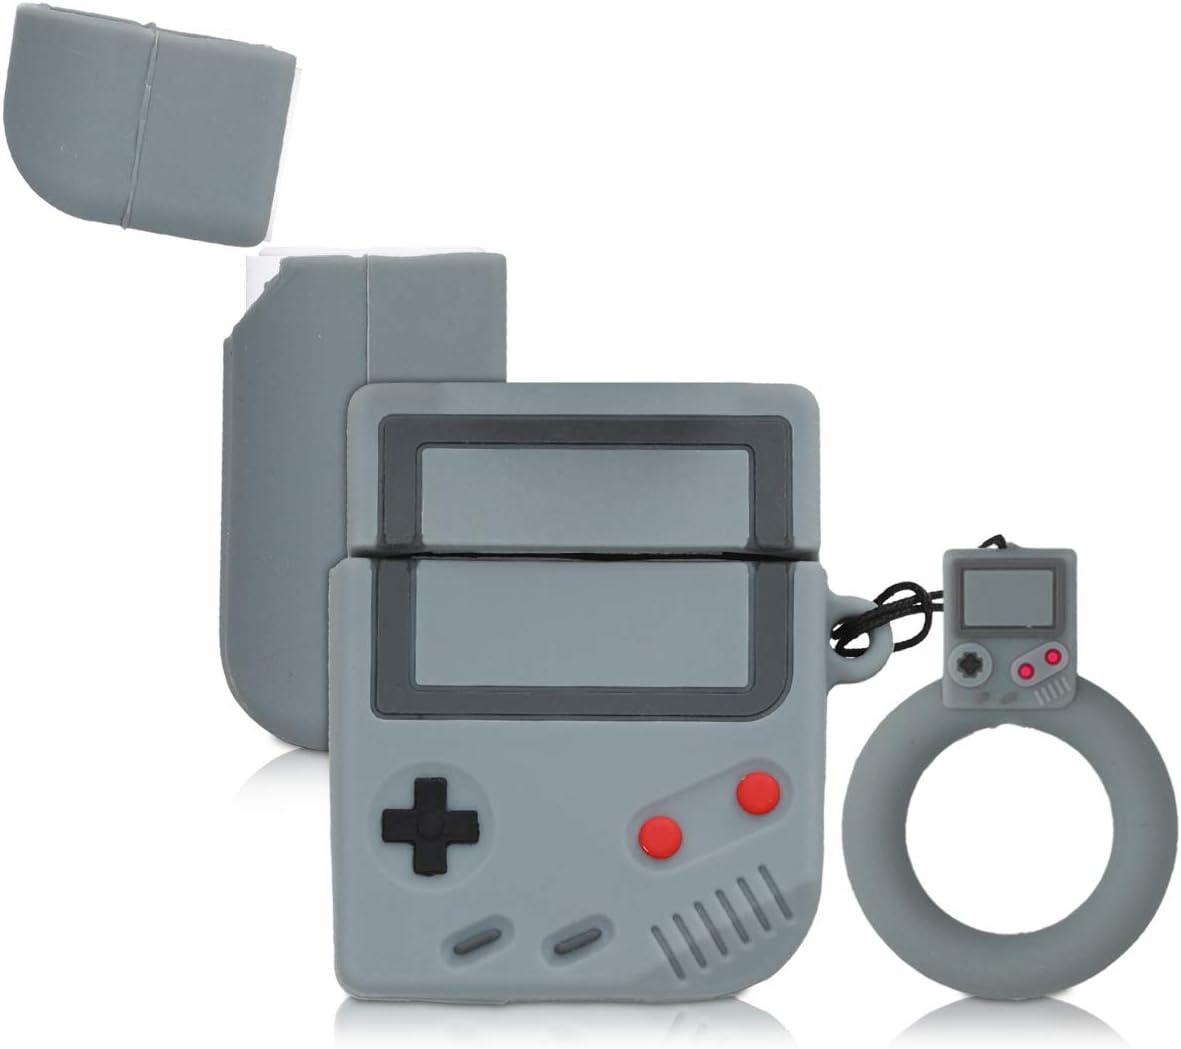 con dise/ño de Game Boy Carcasa Protectora de Silicona kwmobile Funda para Auriculares Apple AirPods